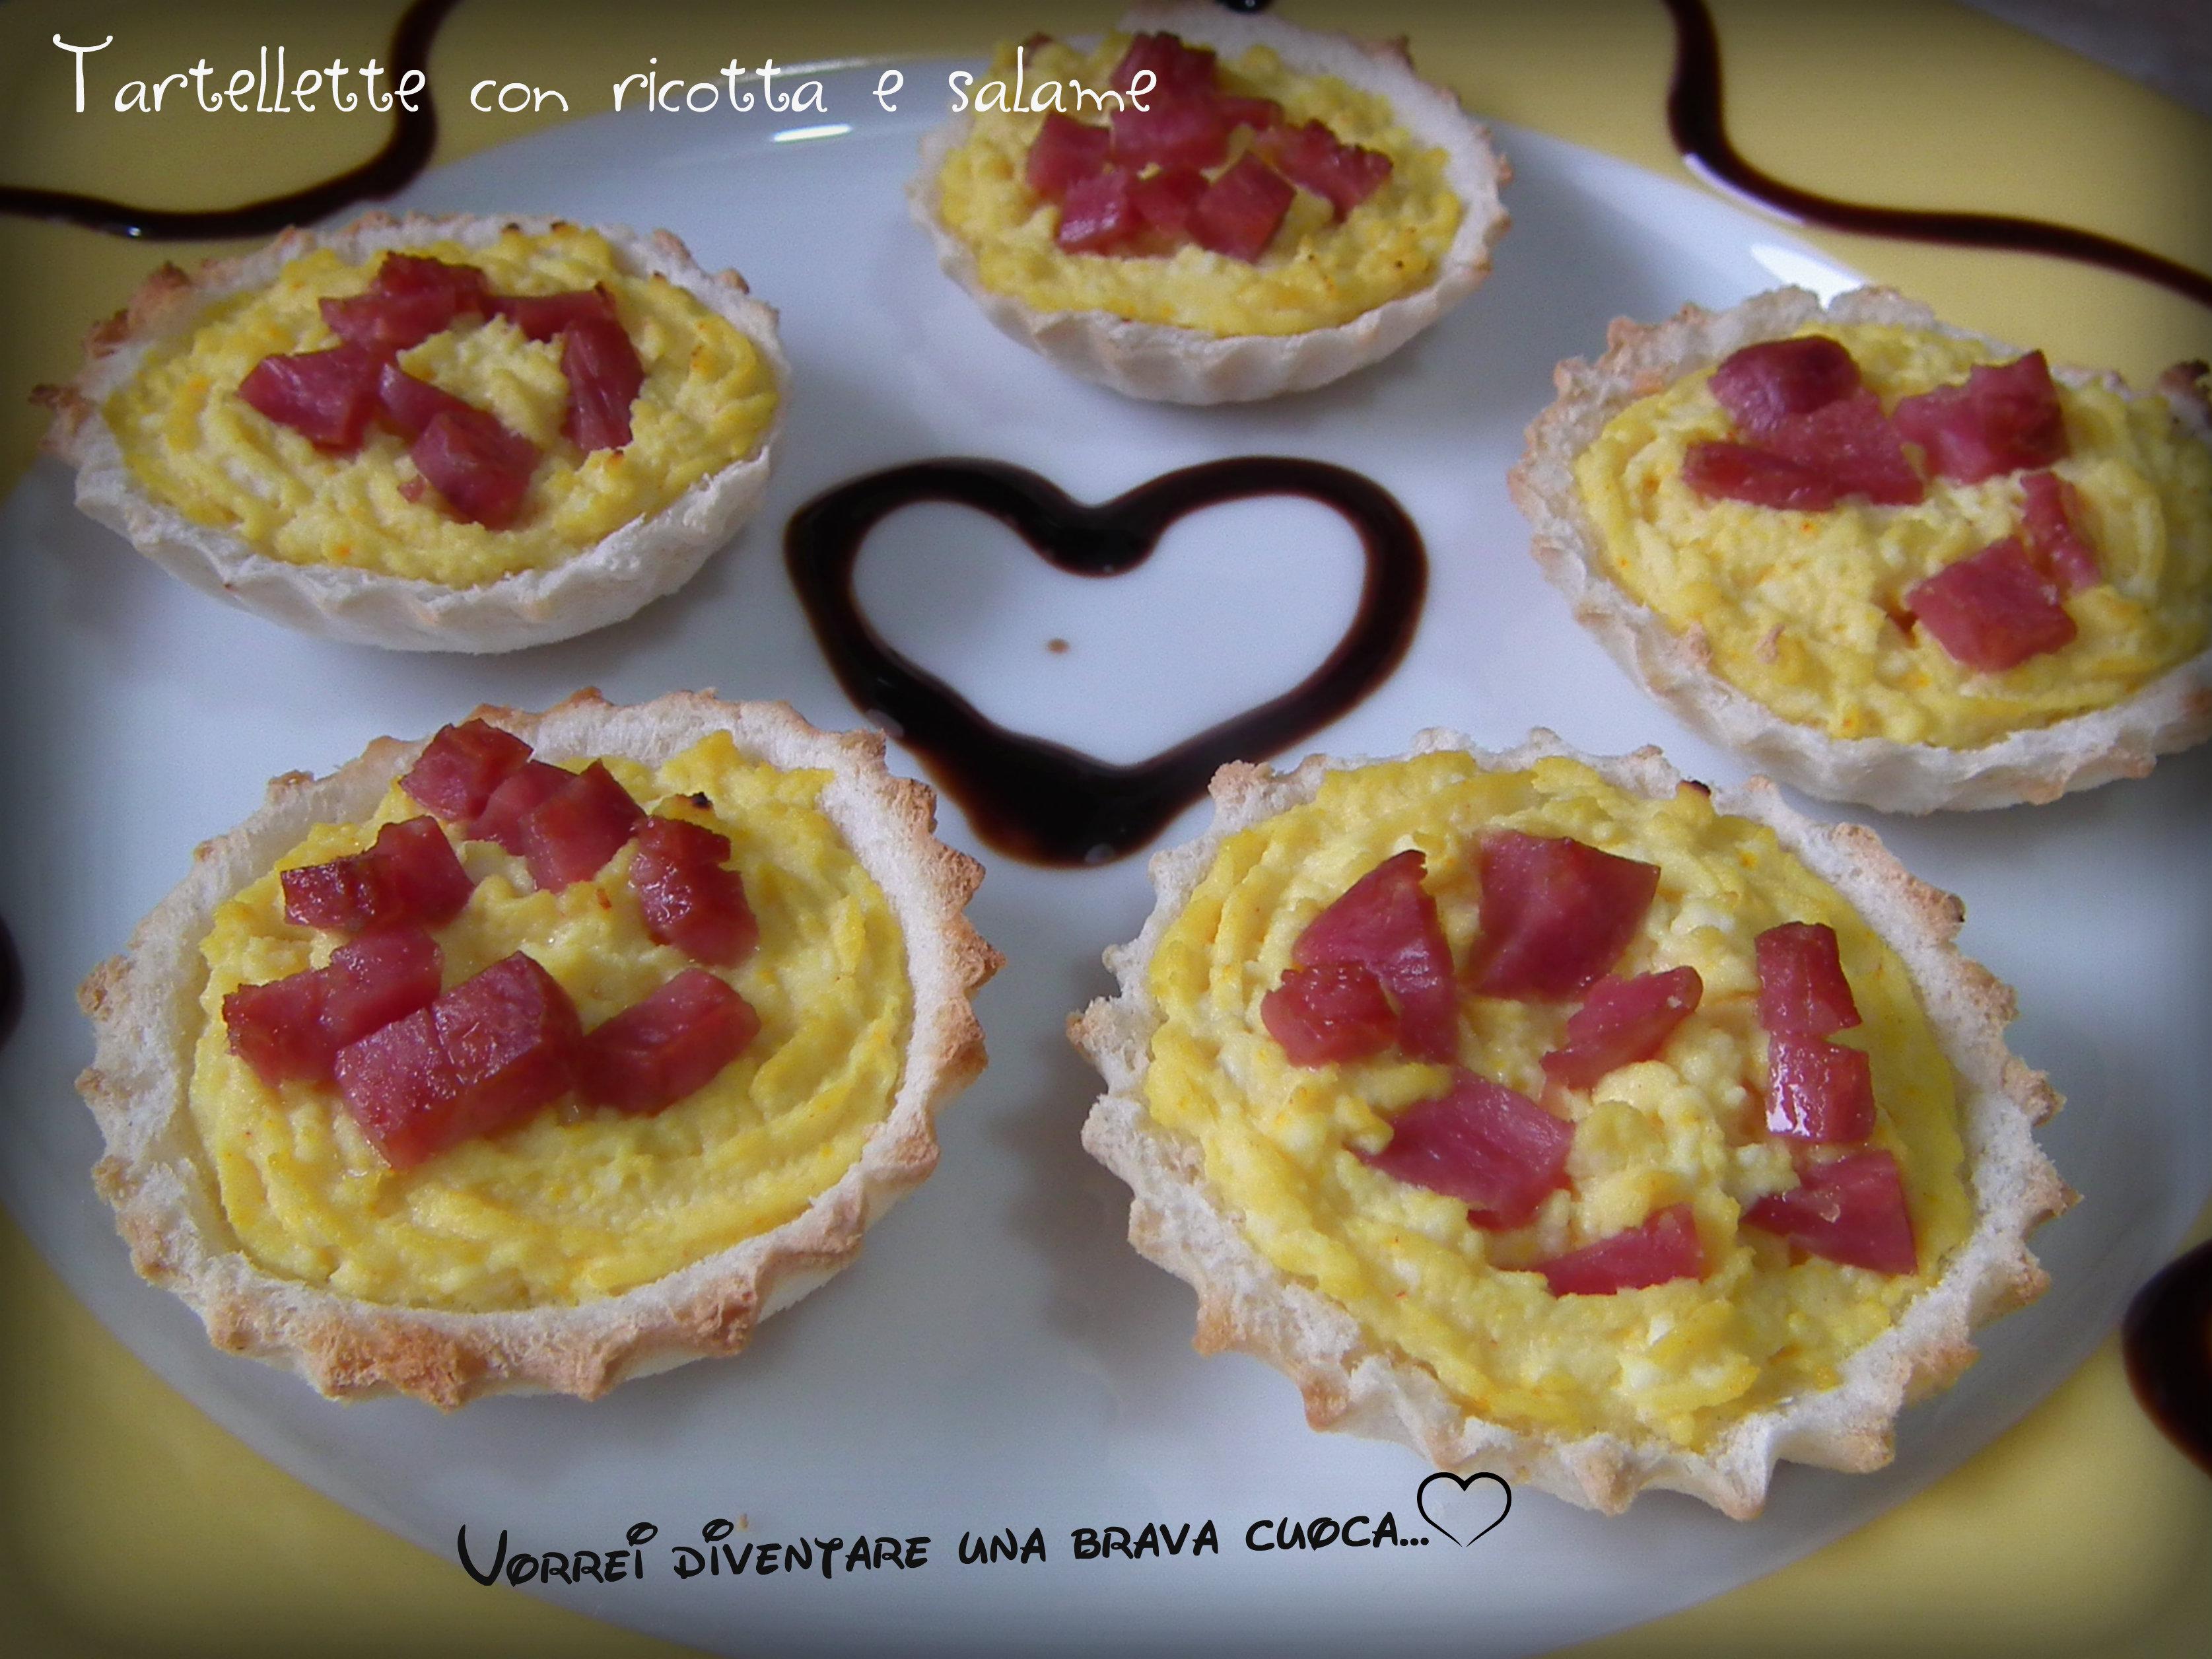 Tartellette con ricotta e salame